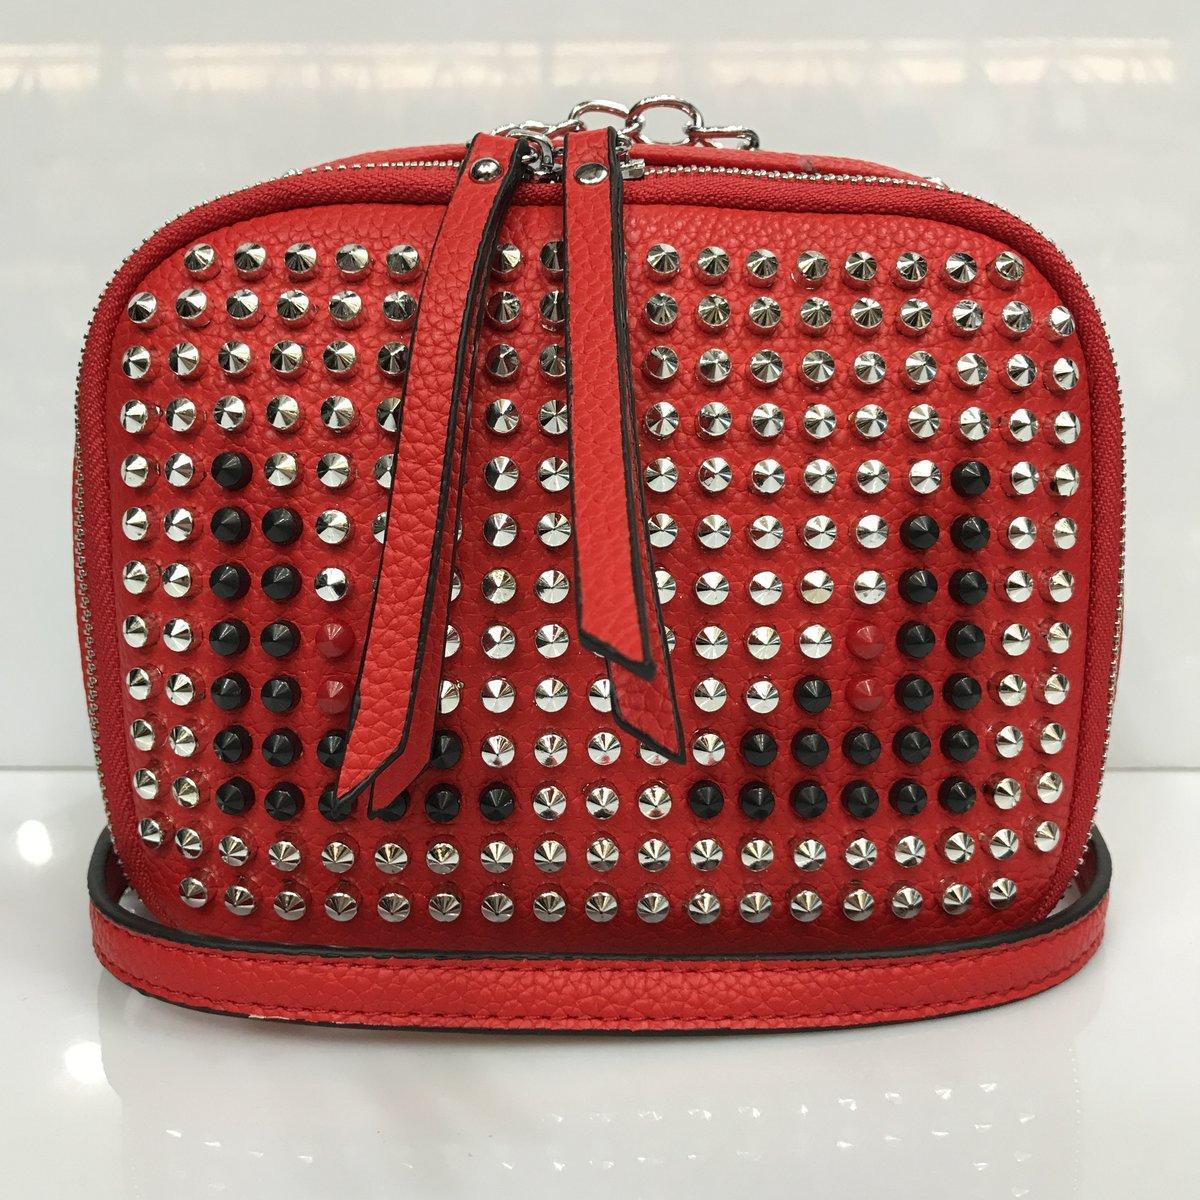 9135ca3e1933 Cумка клатч 2225 женская с шипами с плечевым ремнем разные цвета красный -  Shoppingood в Харькове